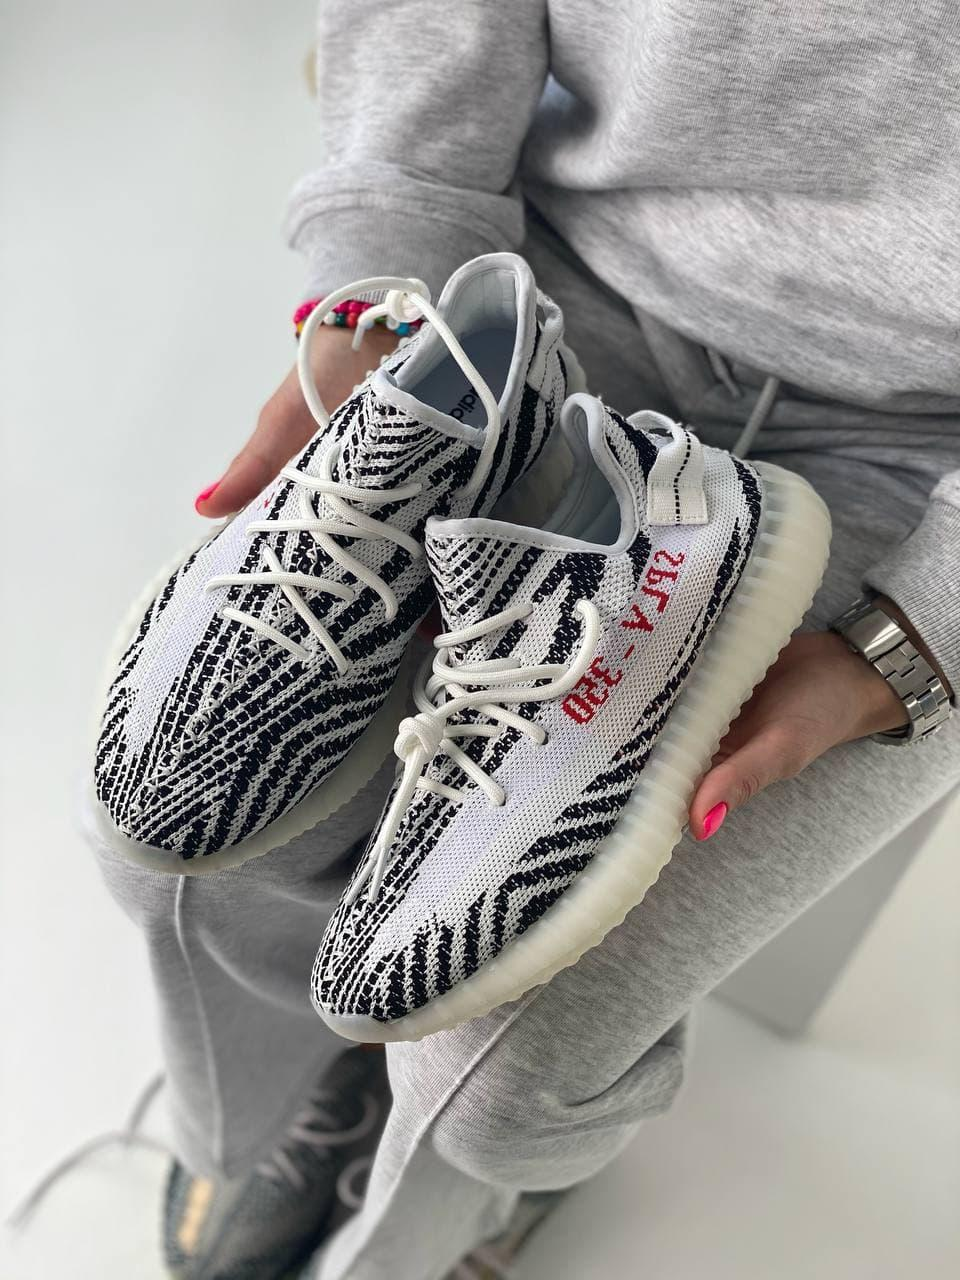 Кроссовки Adidas Yeezy Boost 350 Zebra (Адидас Изи Буст Зебра) женские и мужские размеры: 36-45